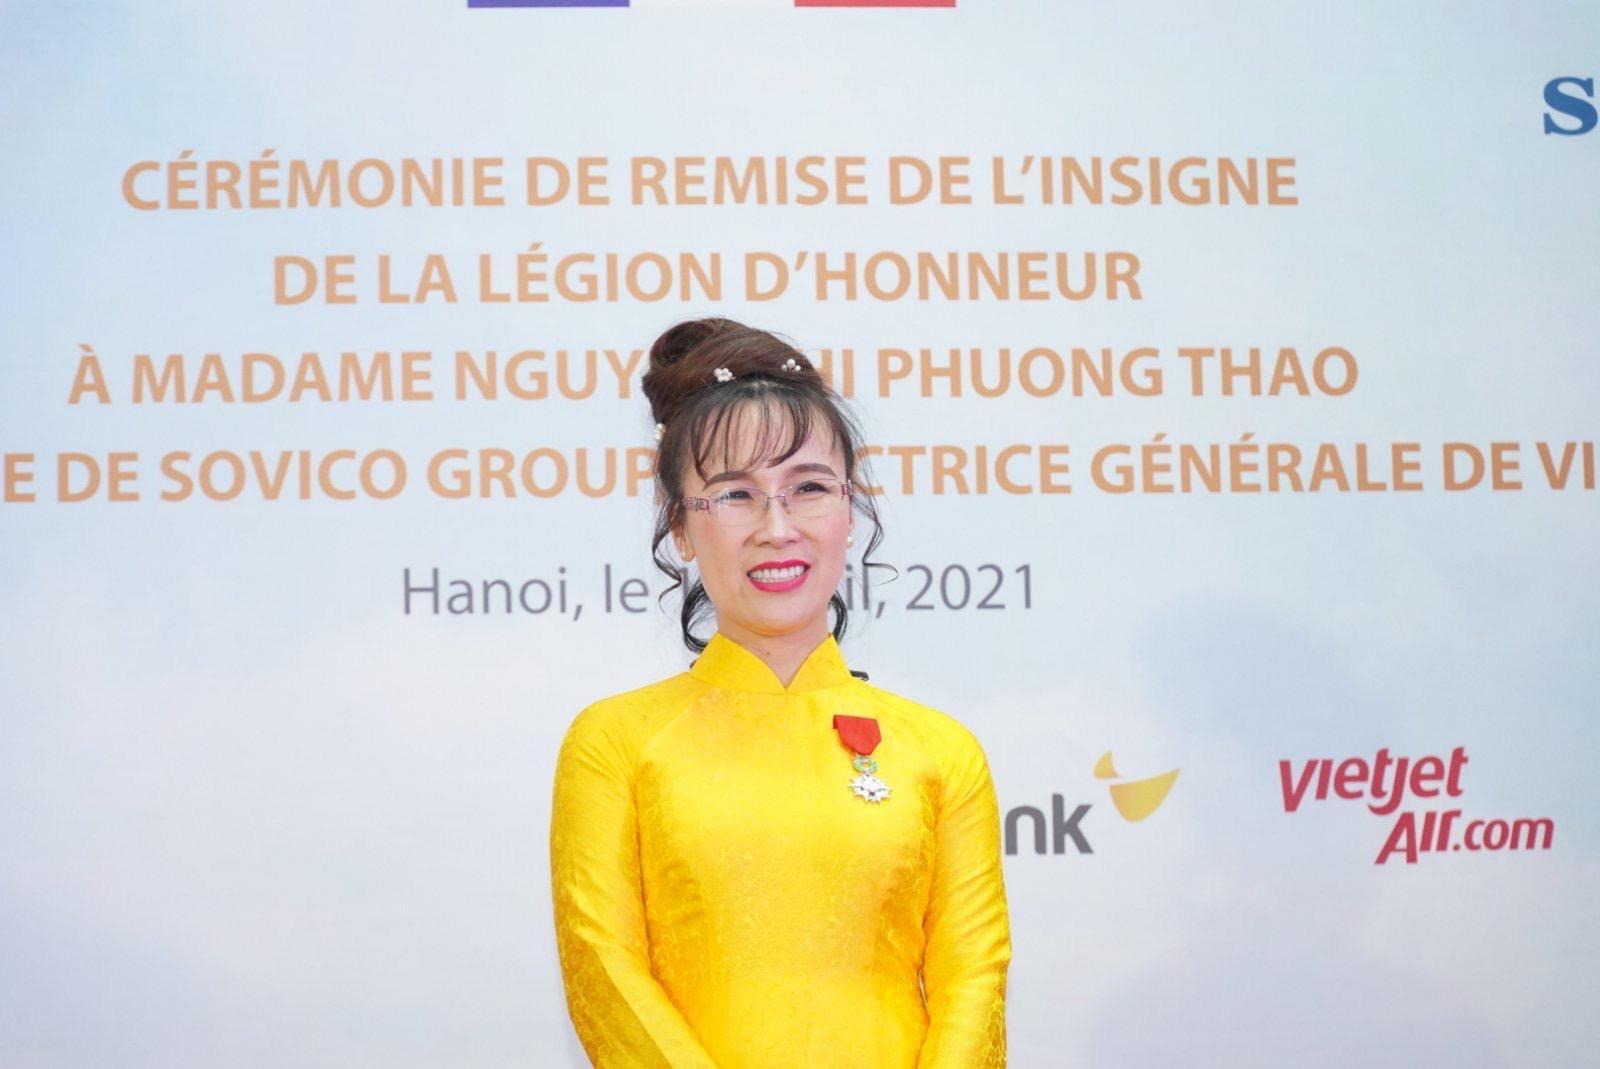 Nữ doanh nhân Việt Nam duy nhất trong top 1.111 người giàu nhất hành tinh 2021 theo Forbes